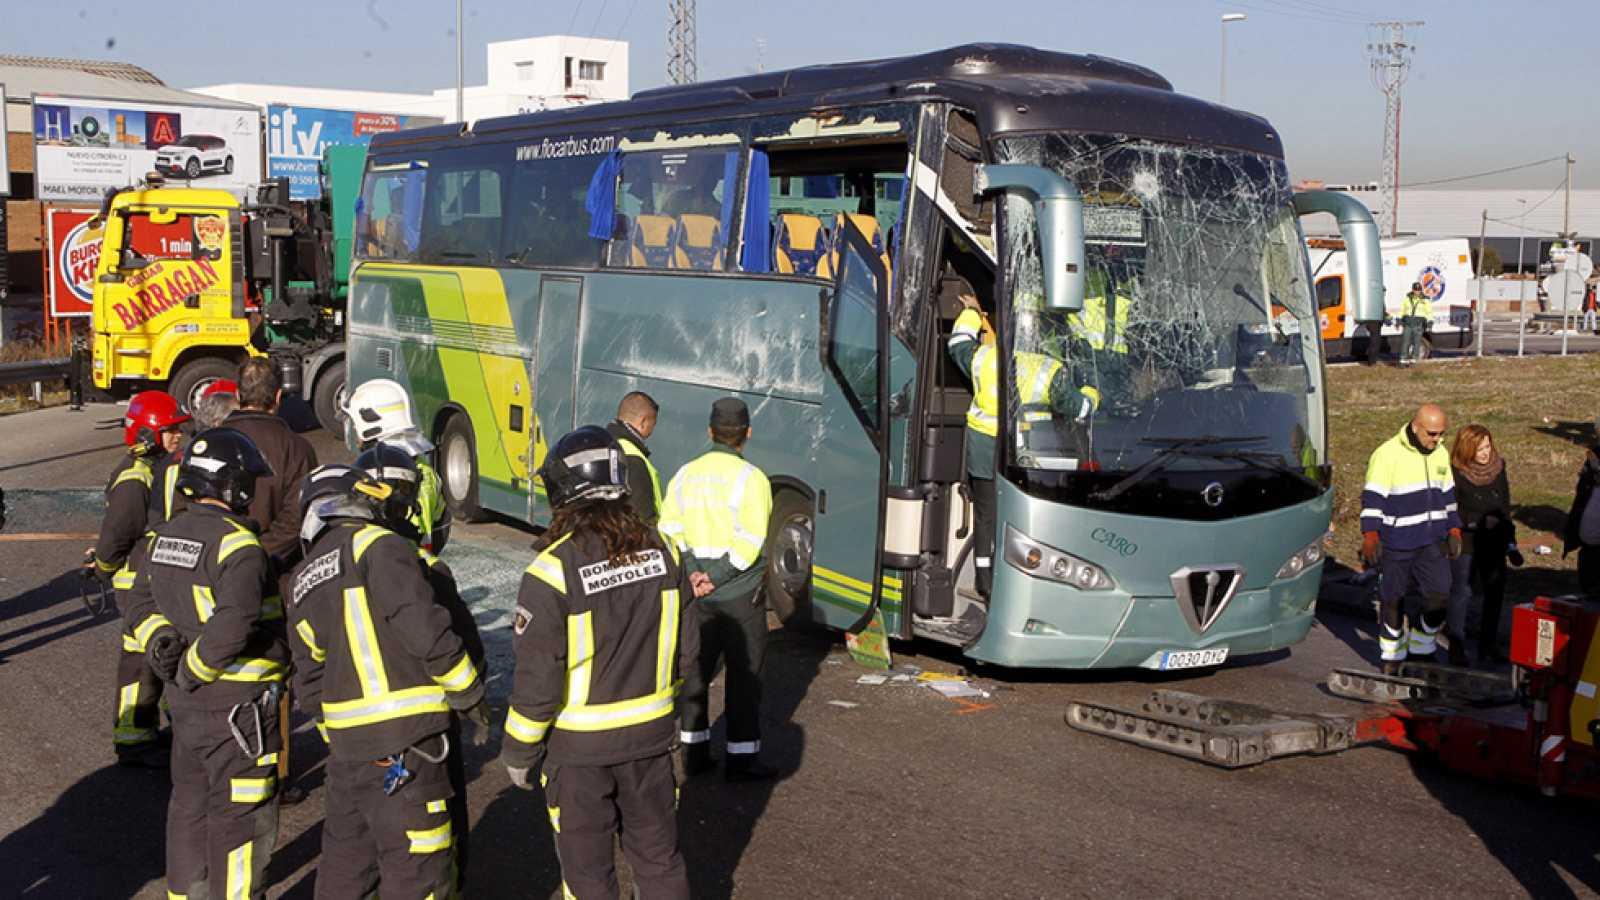 La investigación confirma que el conductor del autobús escolar volcado en Fuenlabrada iba drogado